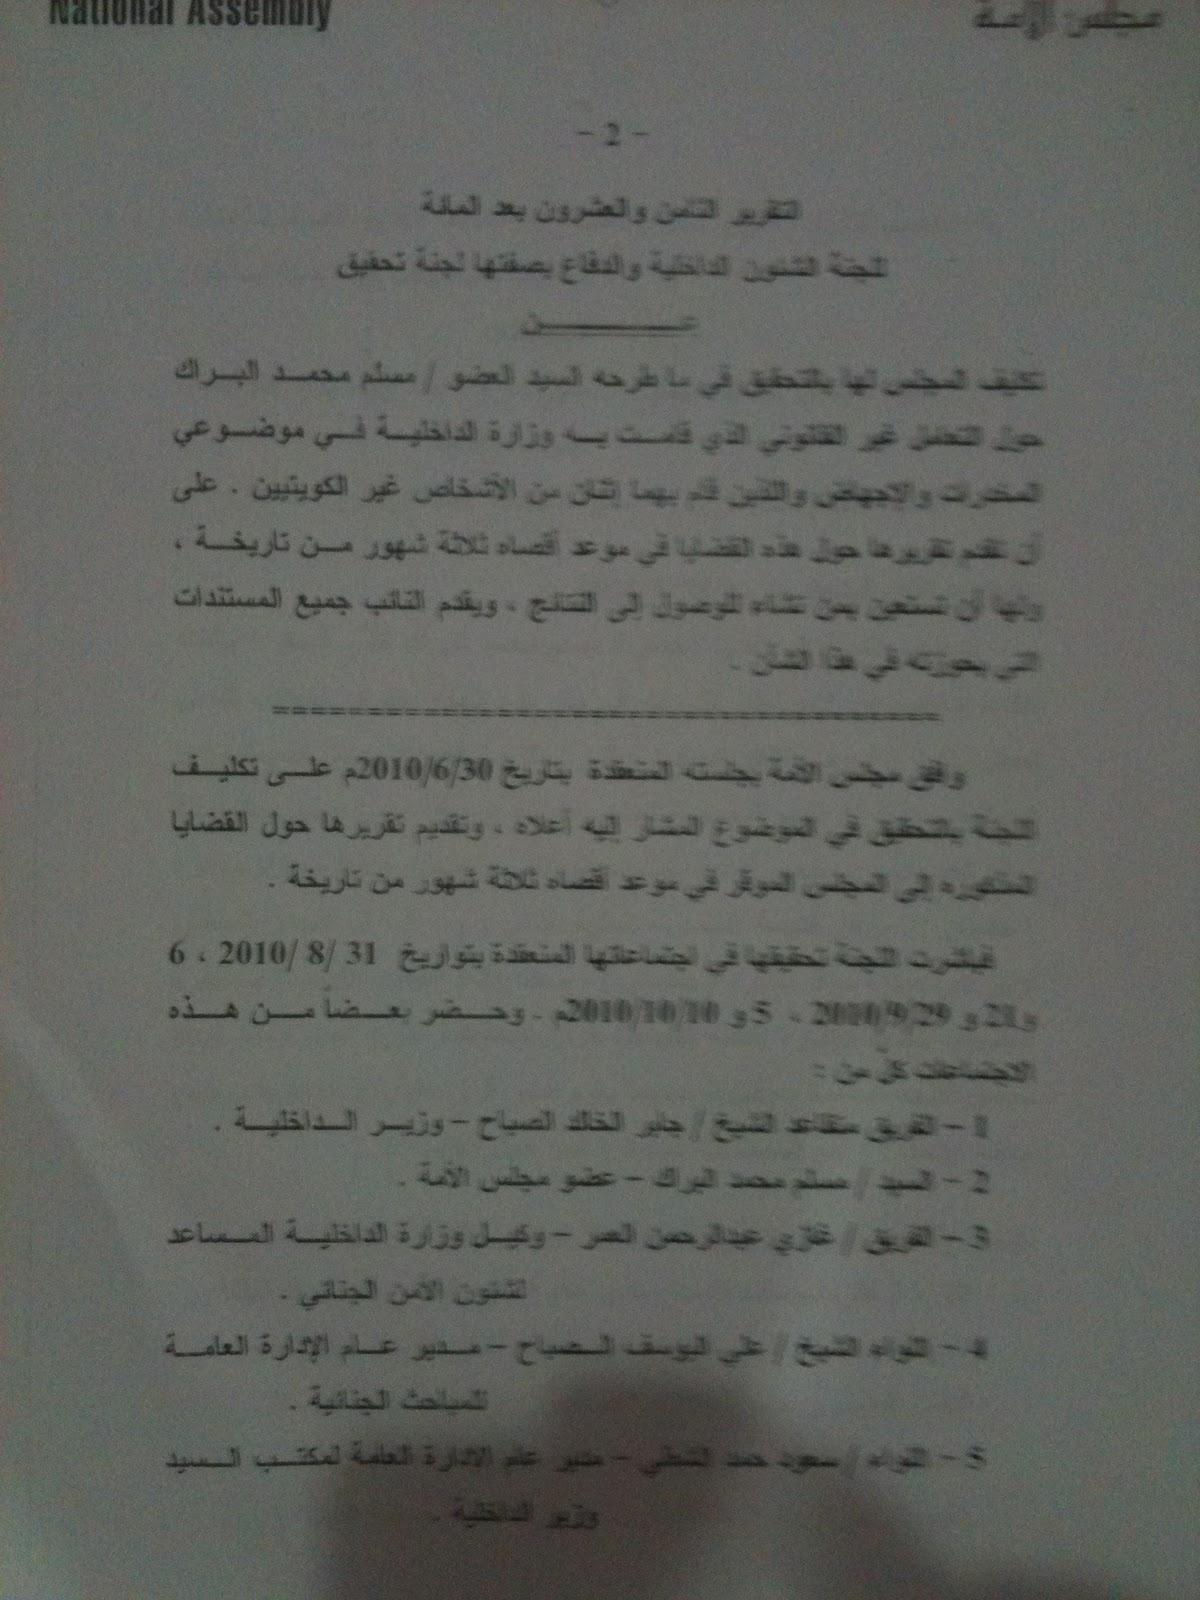 معركة مشين طور استرحام لوزارة الداخلية الامارات Comertinsaat Com